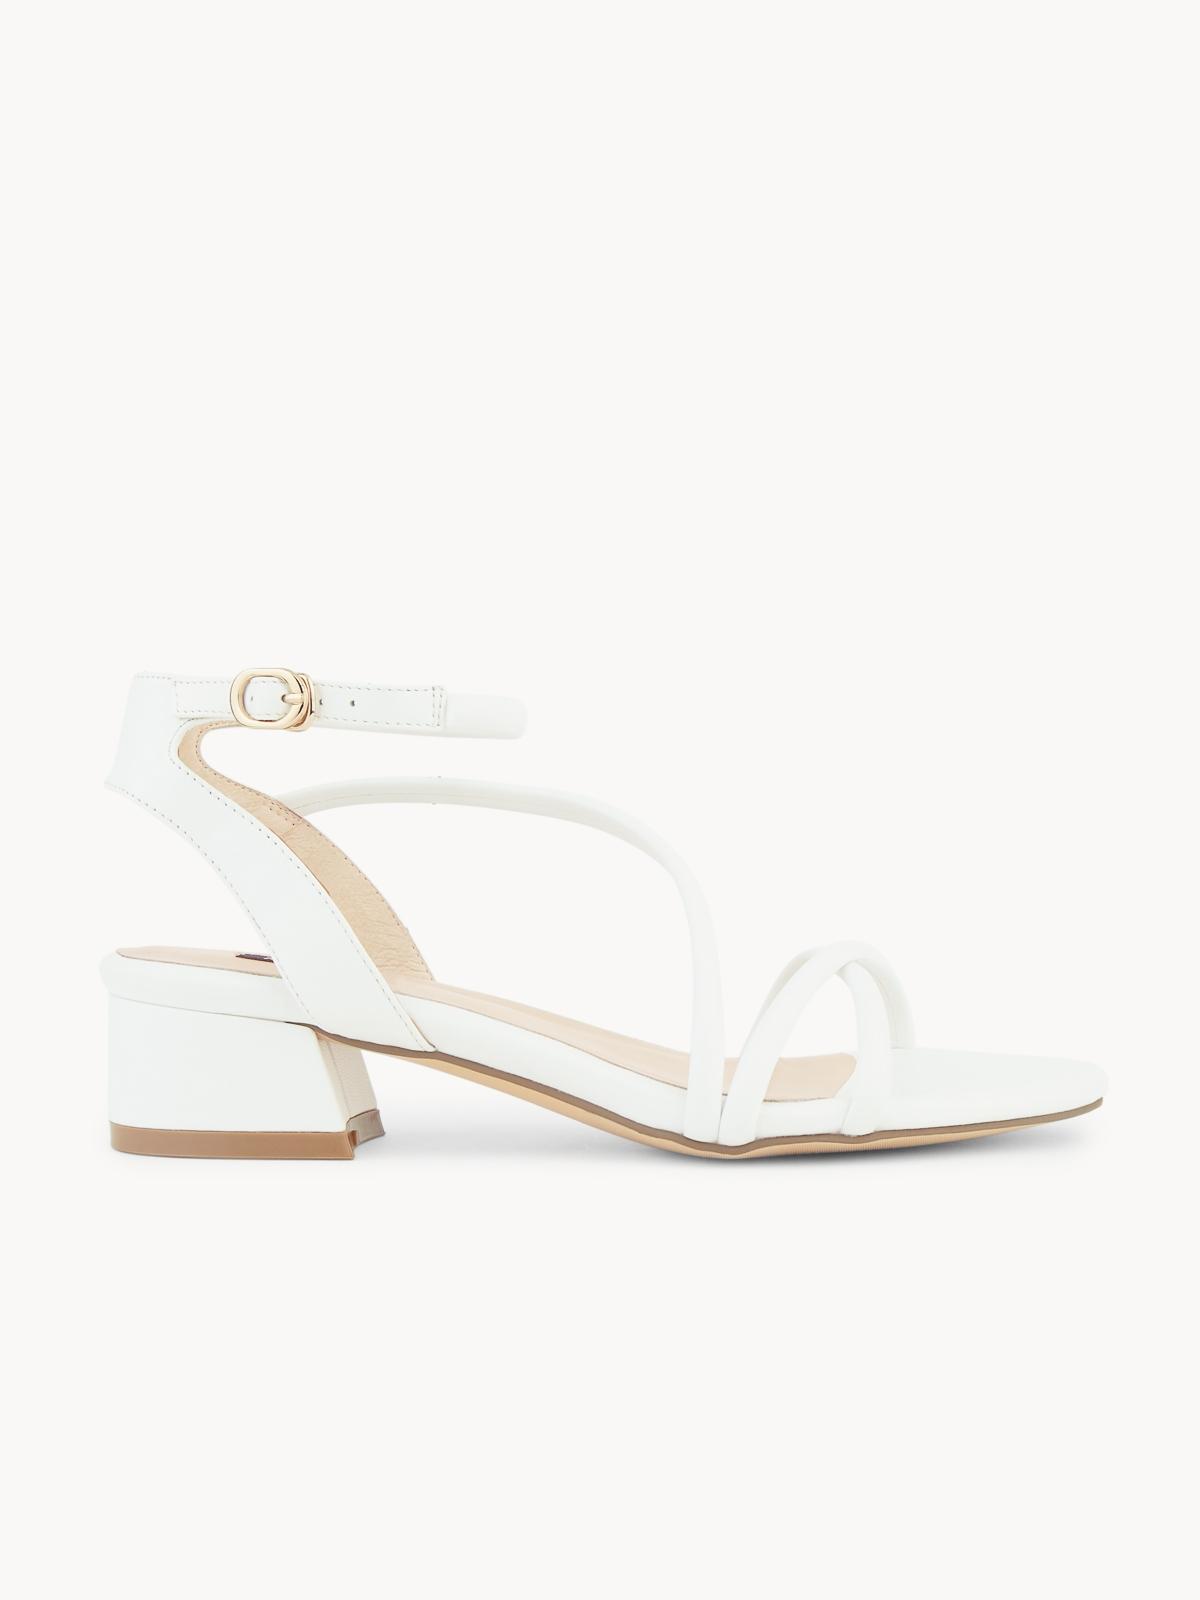 Mave Claire Strappy Sandals White